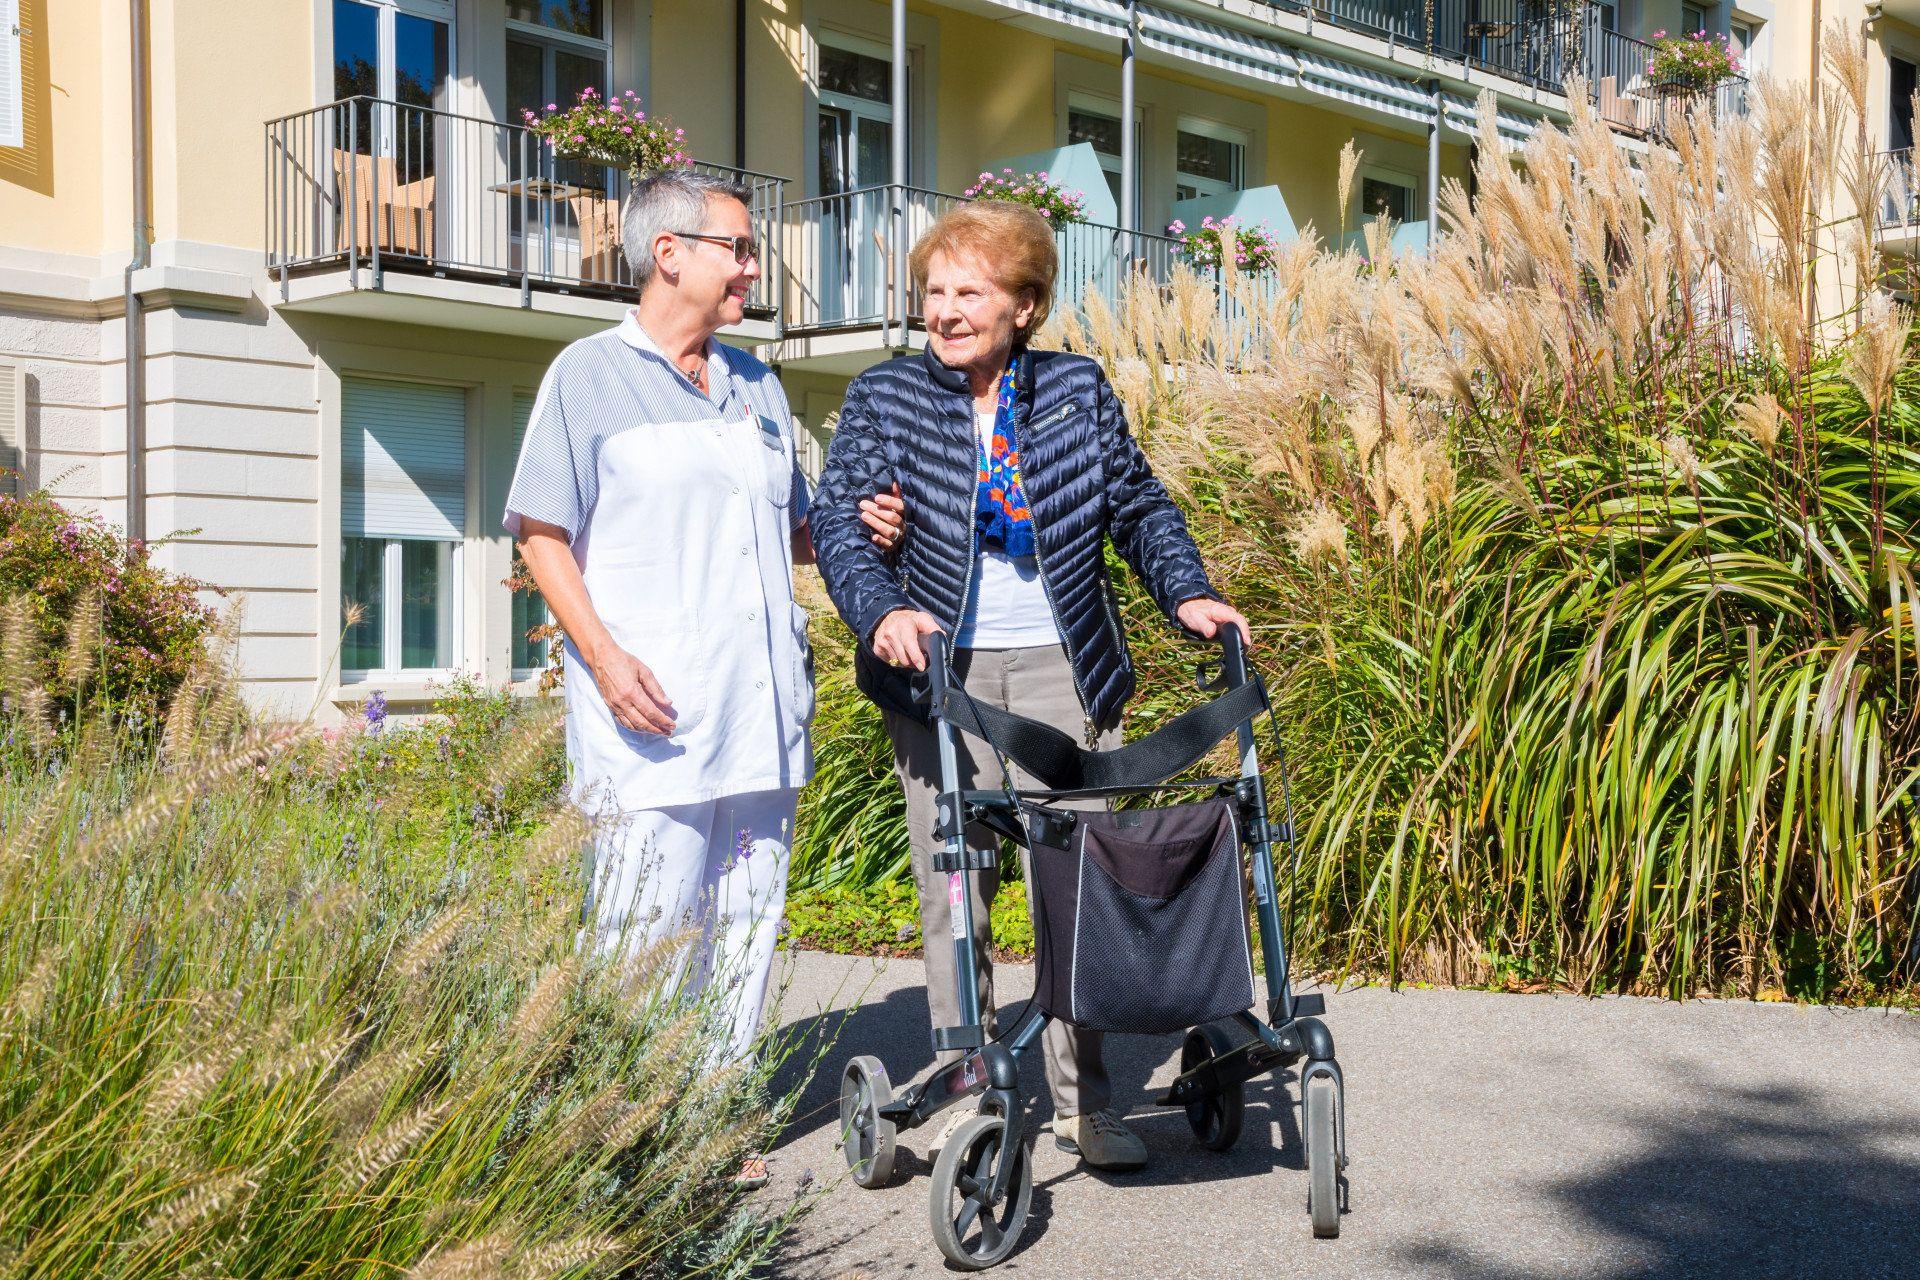 Pflegerin begleitet Patientin mit Rollator durch sonnigen Park